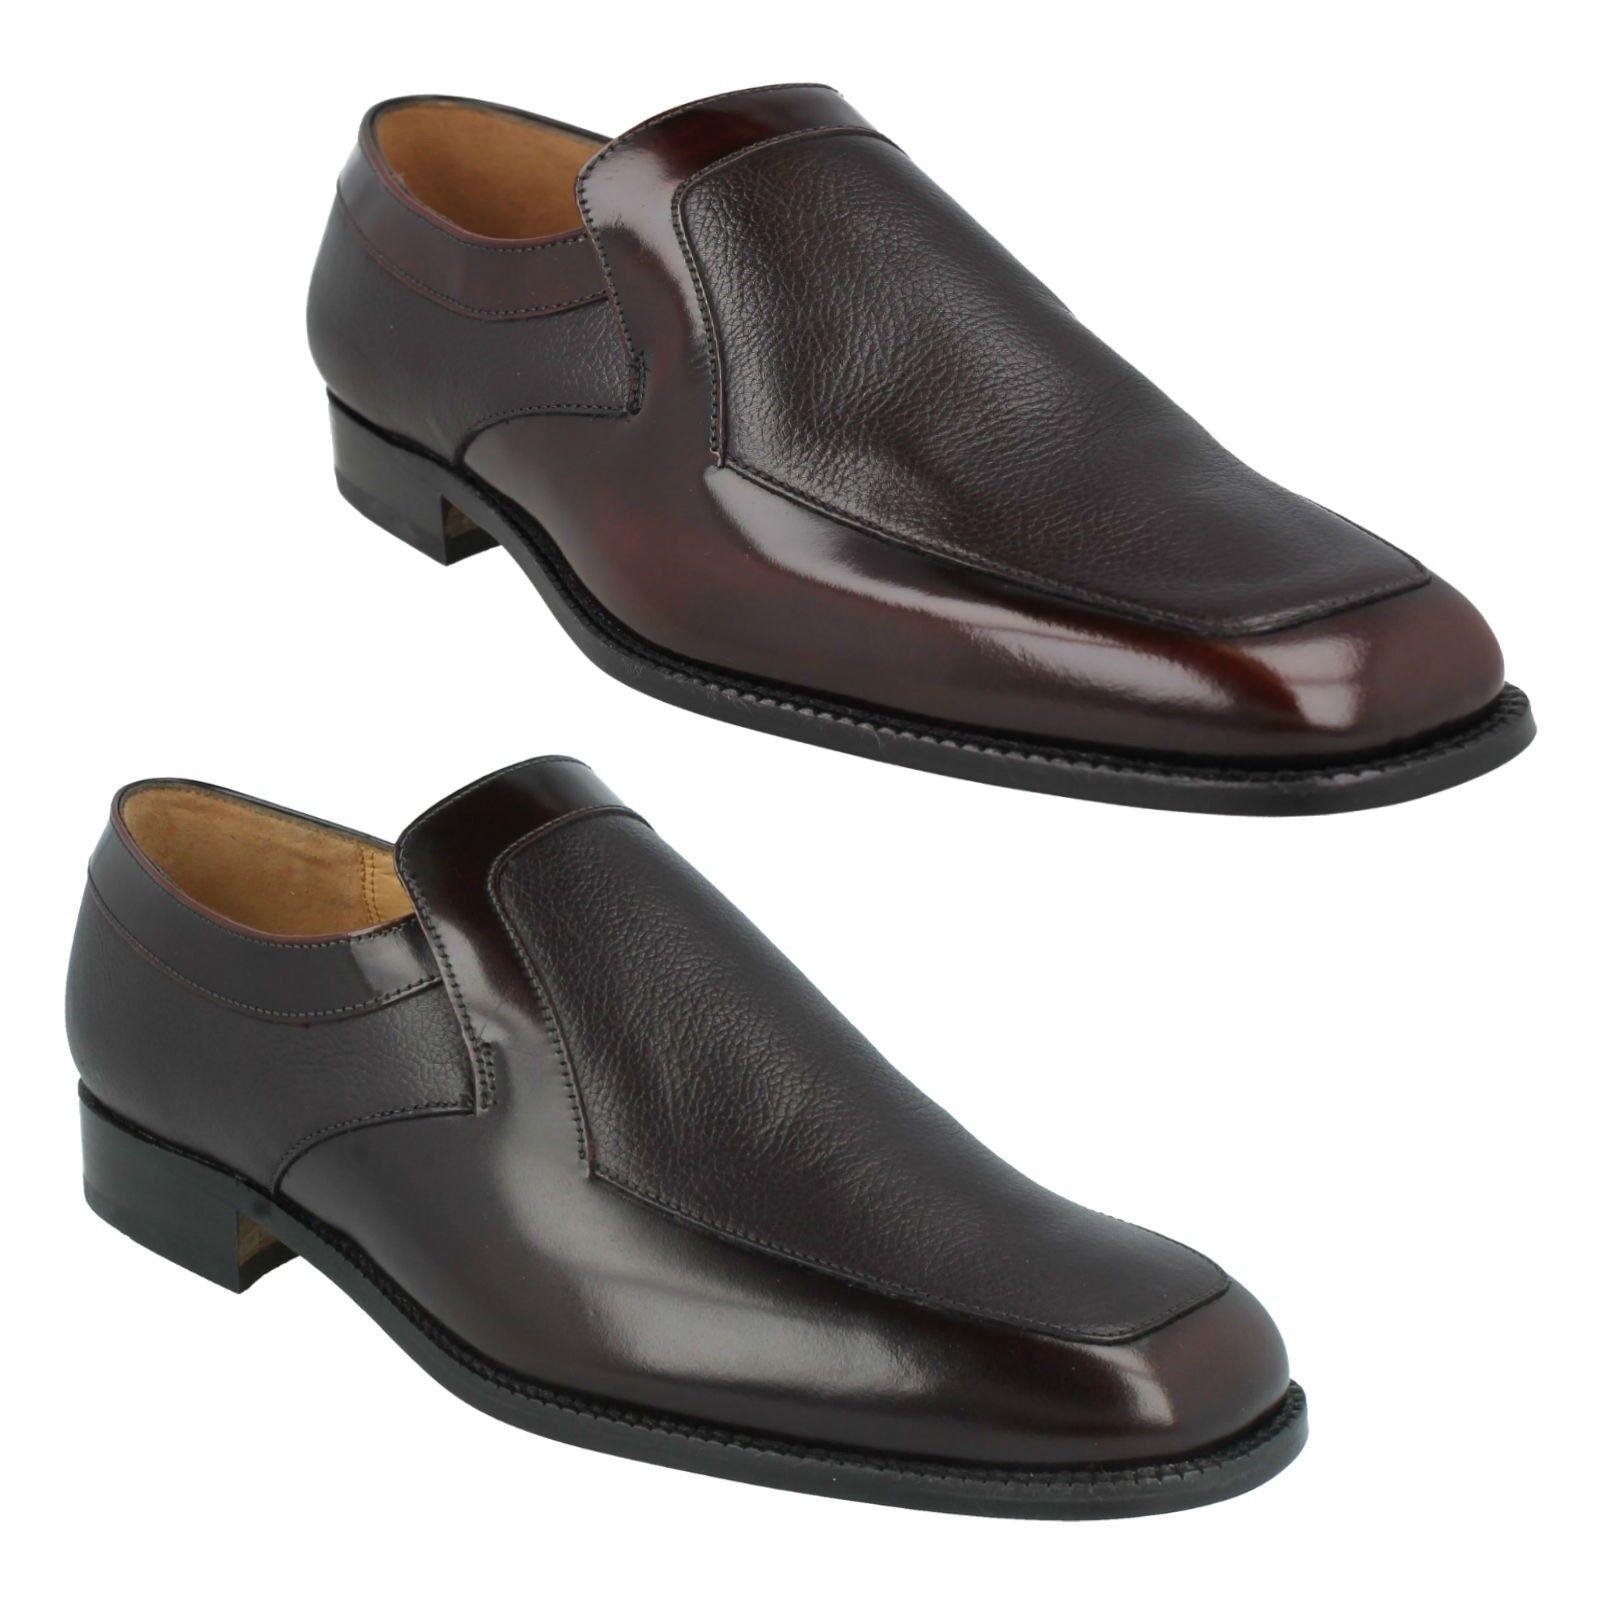 Para hombres Cuero de grano Borgoña Brillar Negro Hi Brillar Borgoña Resbalón en Zapatos Formales GRENSON Carlisle 97e118